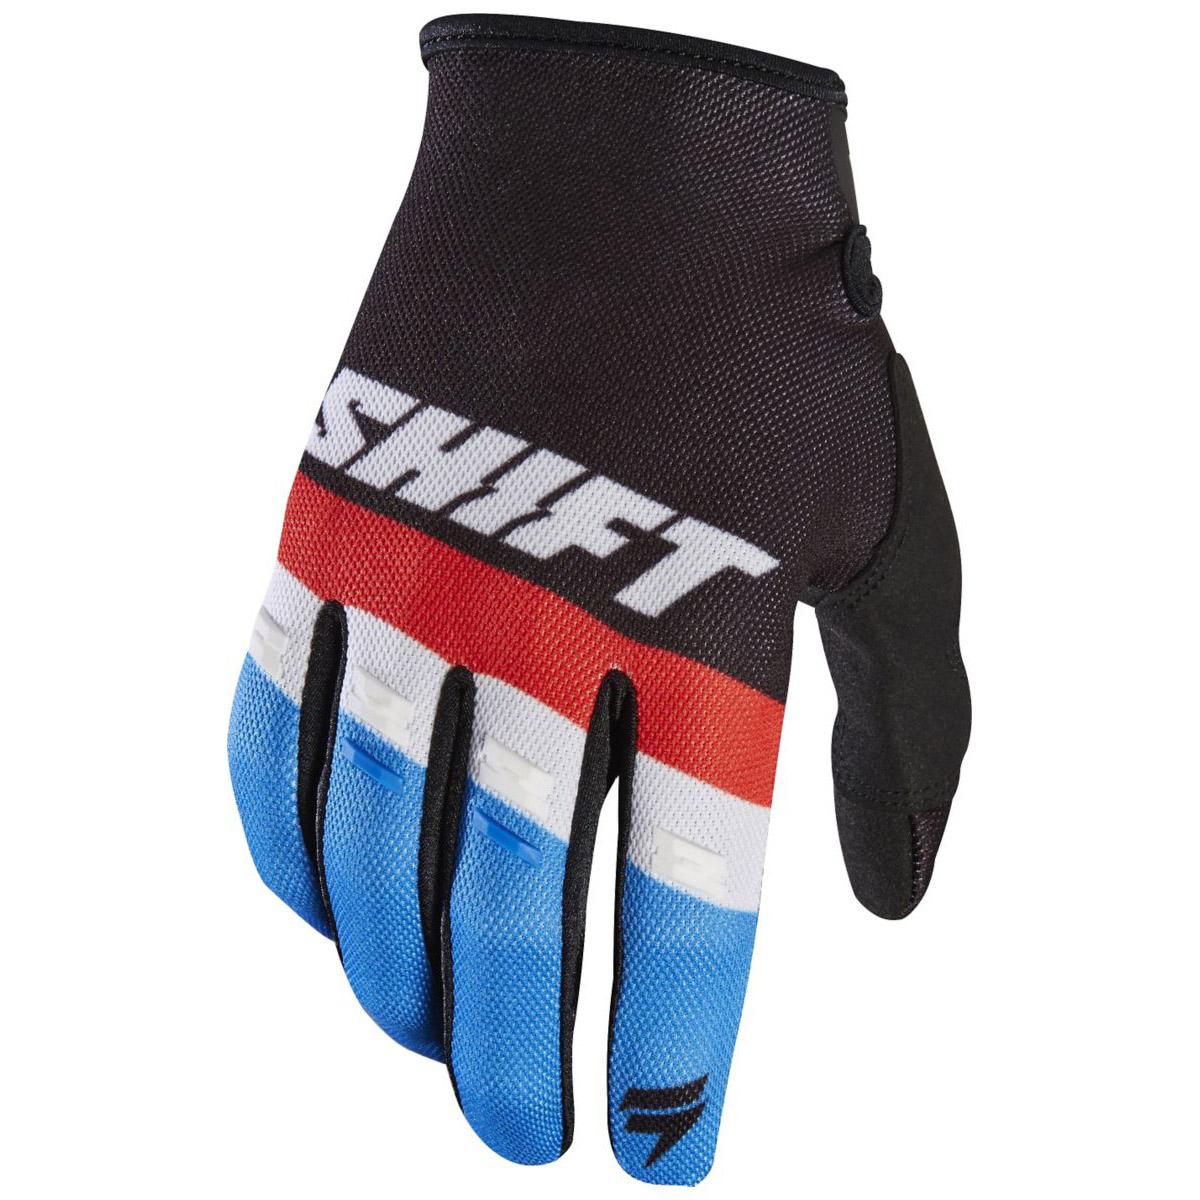 Shift - 2017 White Label Air перчатки подростковые, черные